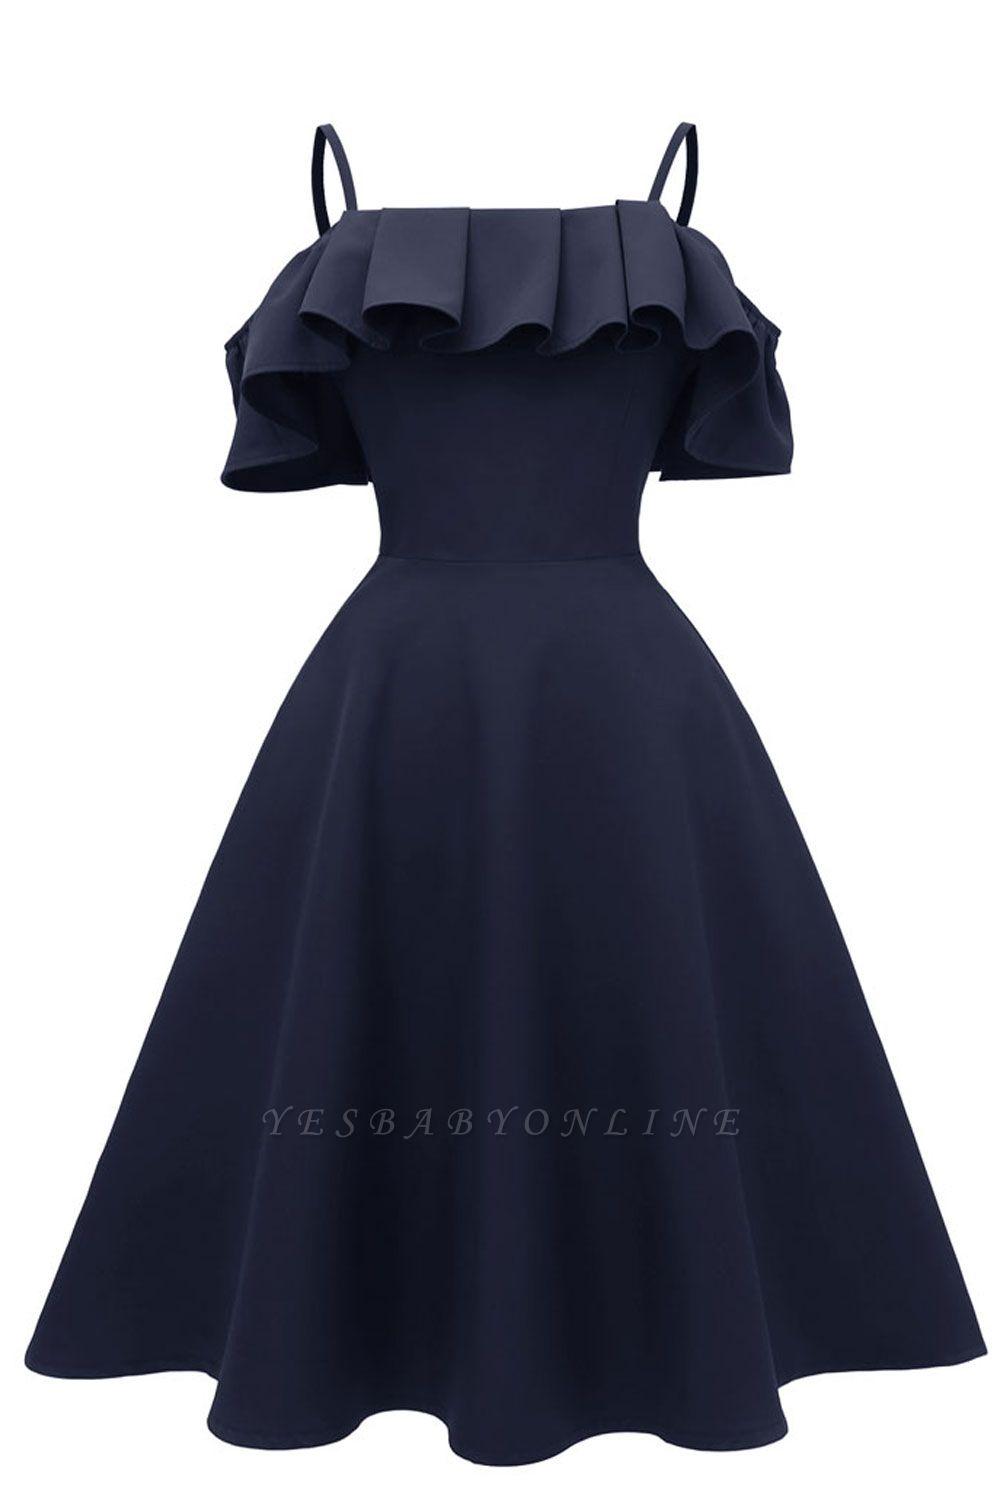 Lovely Spaghetti Straps Cascading Ruffles Vintage Short Dresses